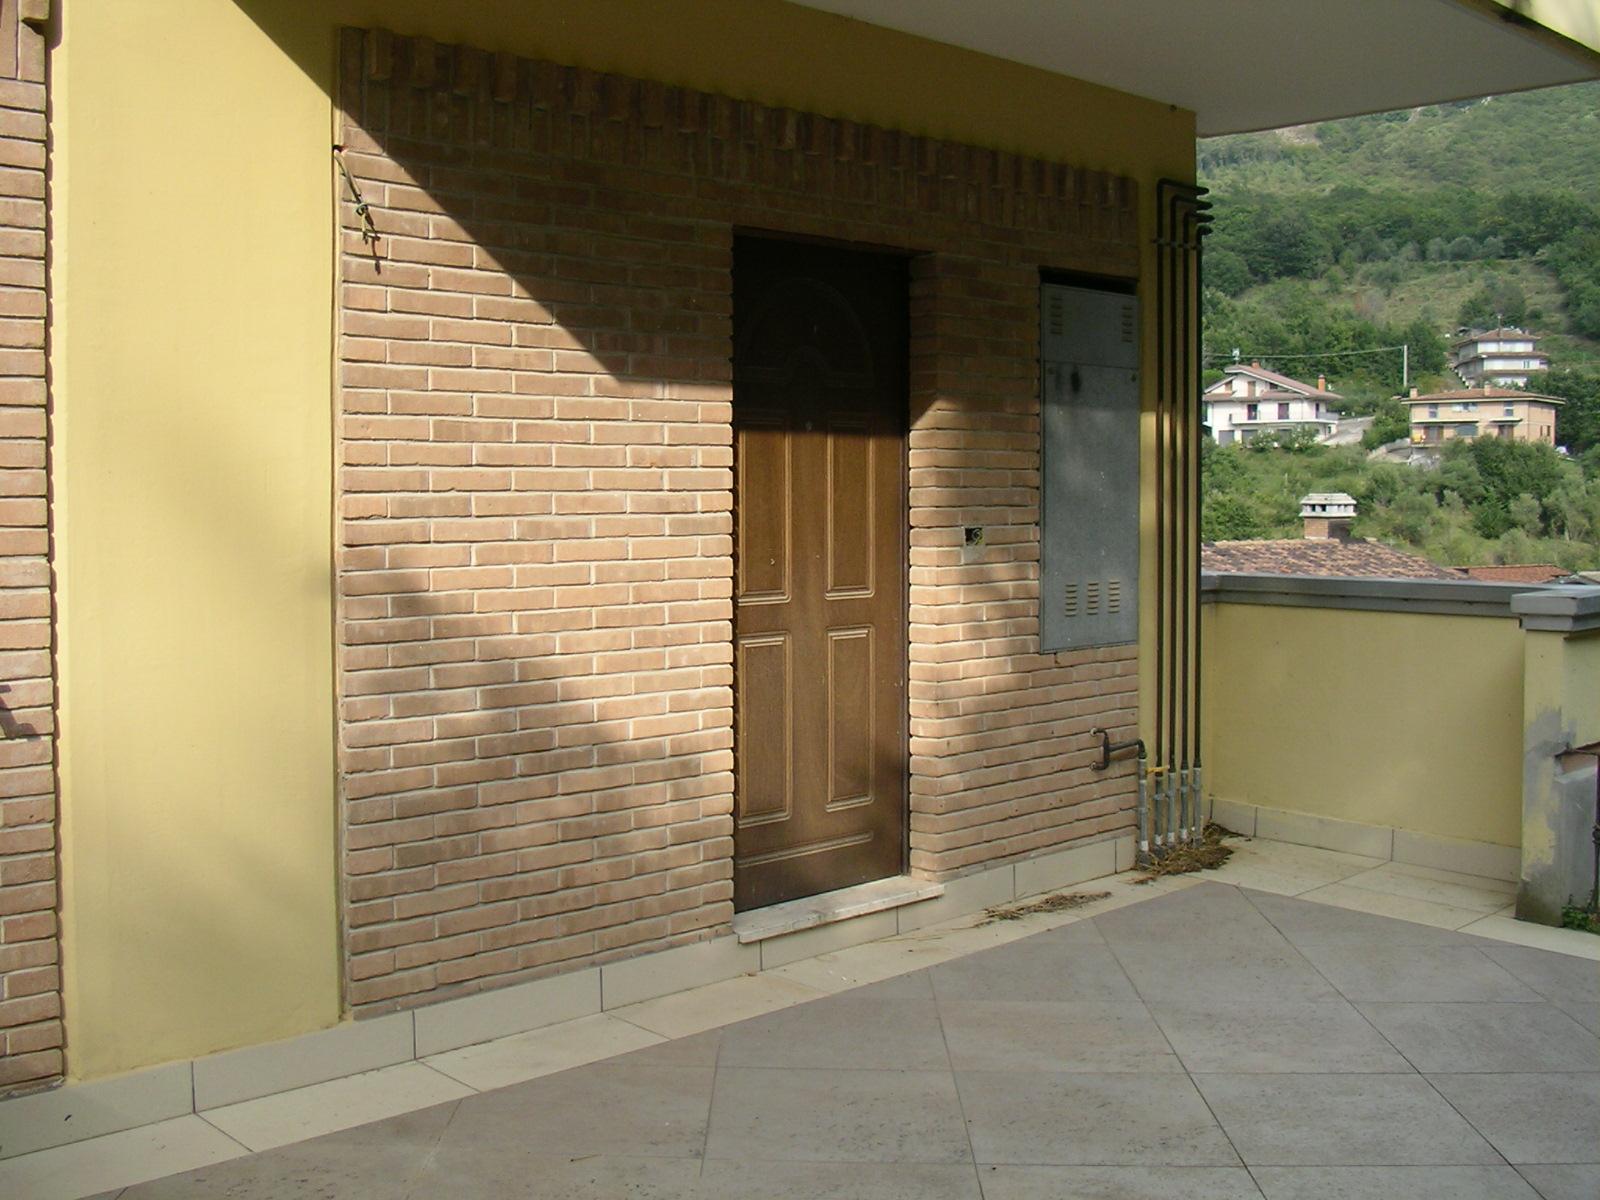 Appartamento vendita CHIUSANO DI SAN DOMENICO (AV) - 1 LOCALI - 66 MQ